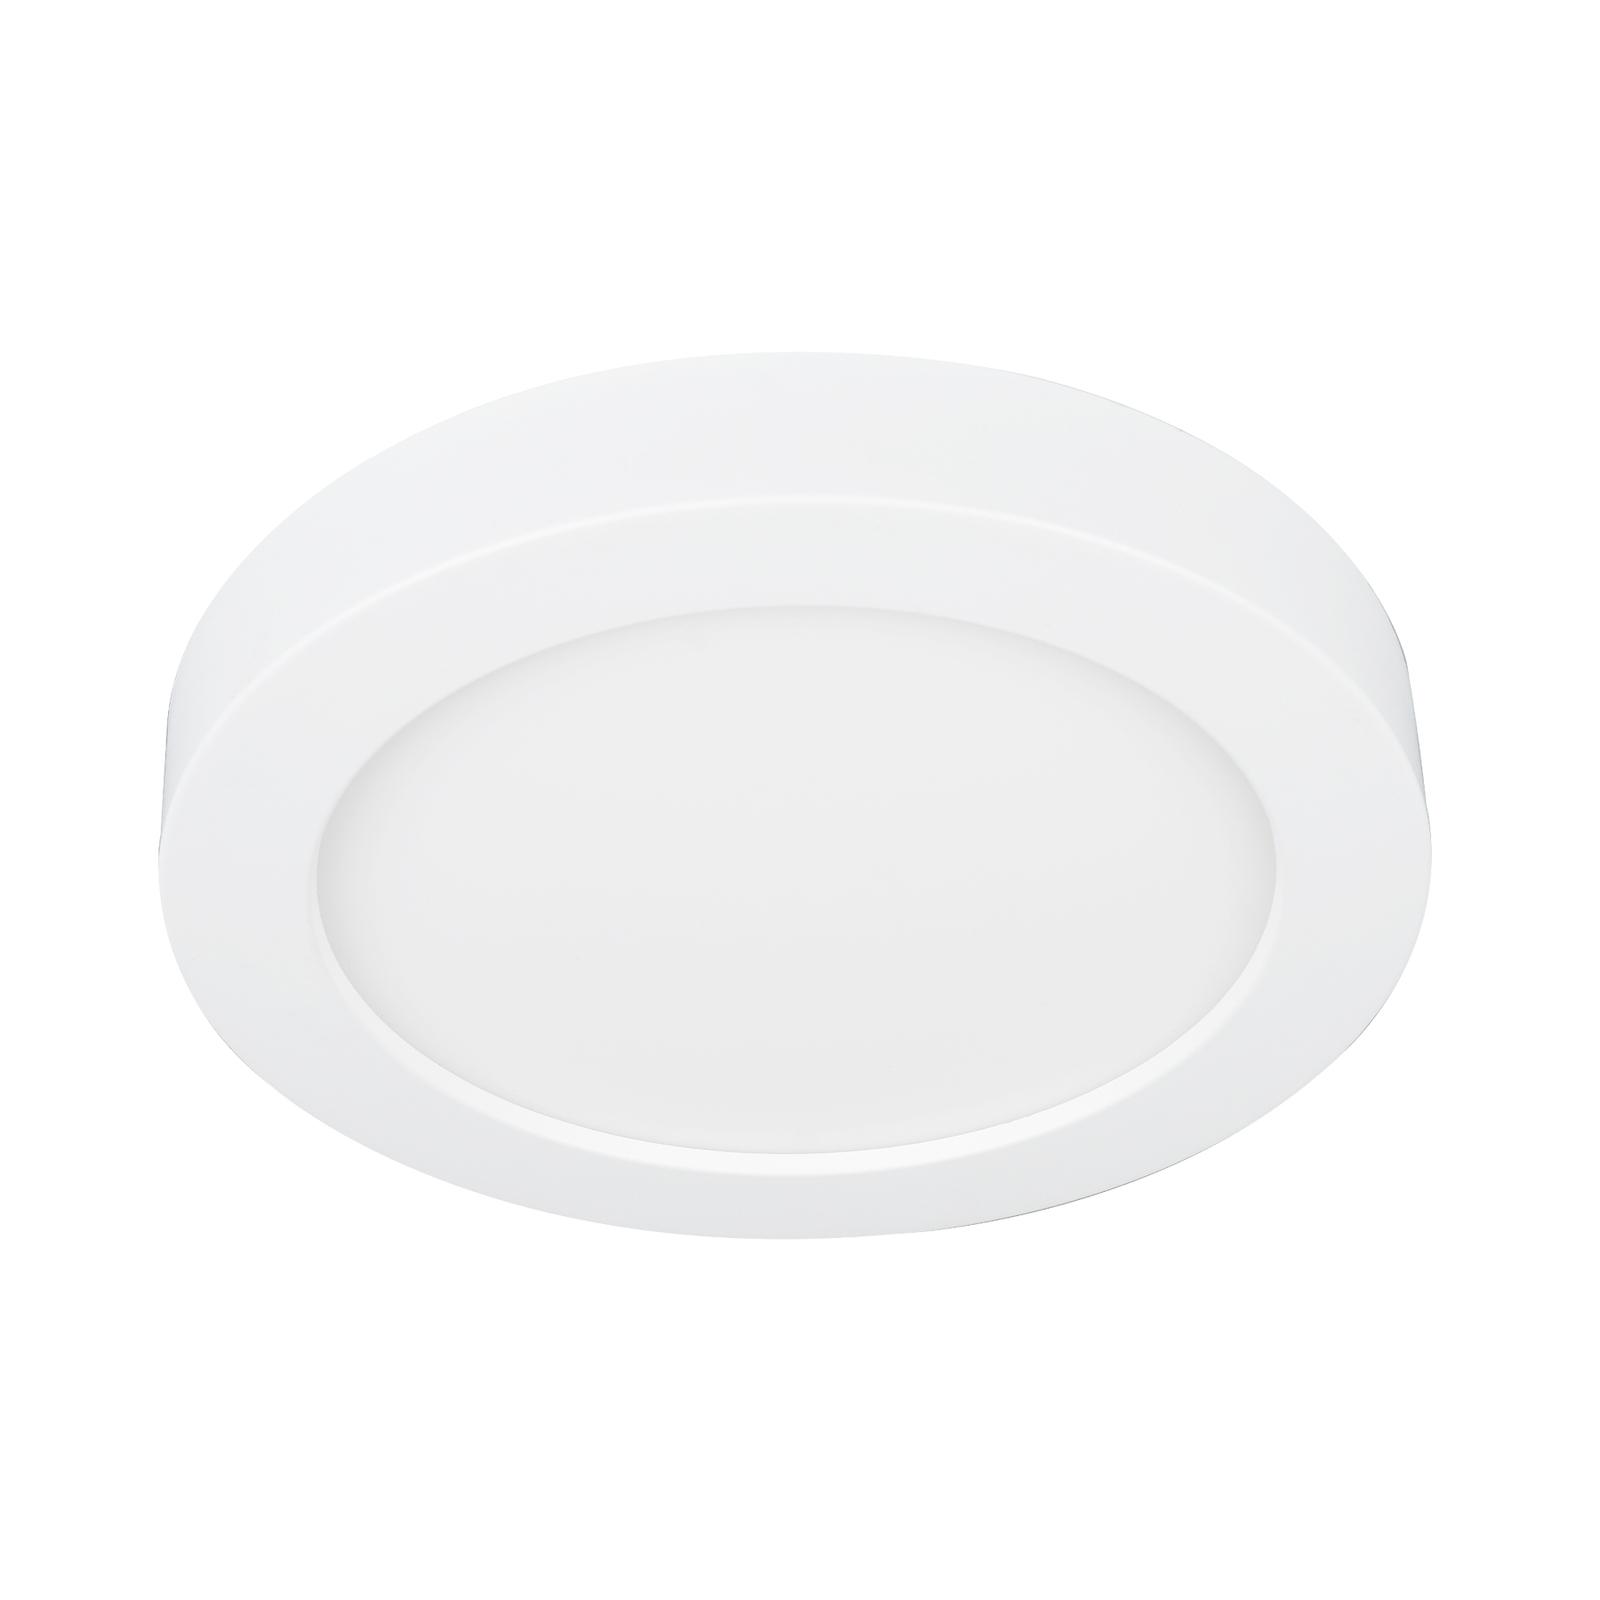 Prios Edwina LED-taklampe, hvit, 17,7 cm